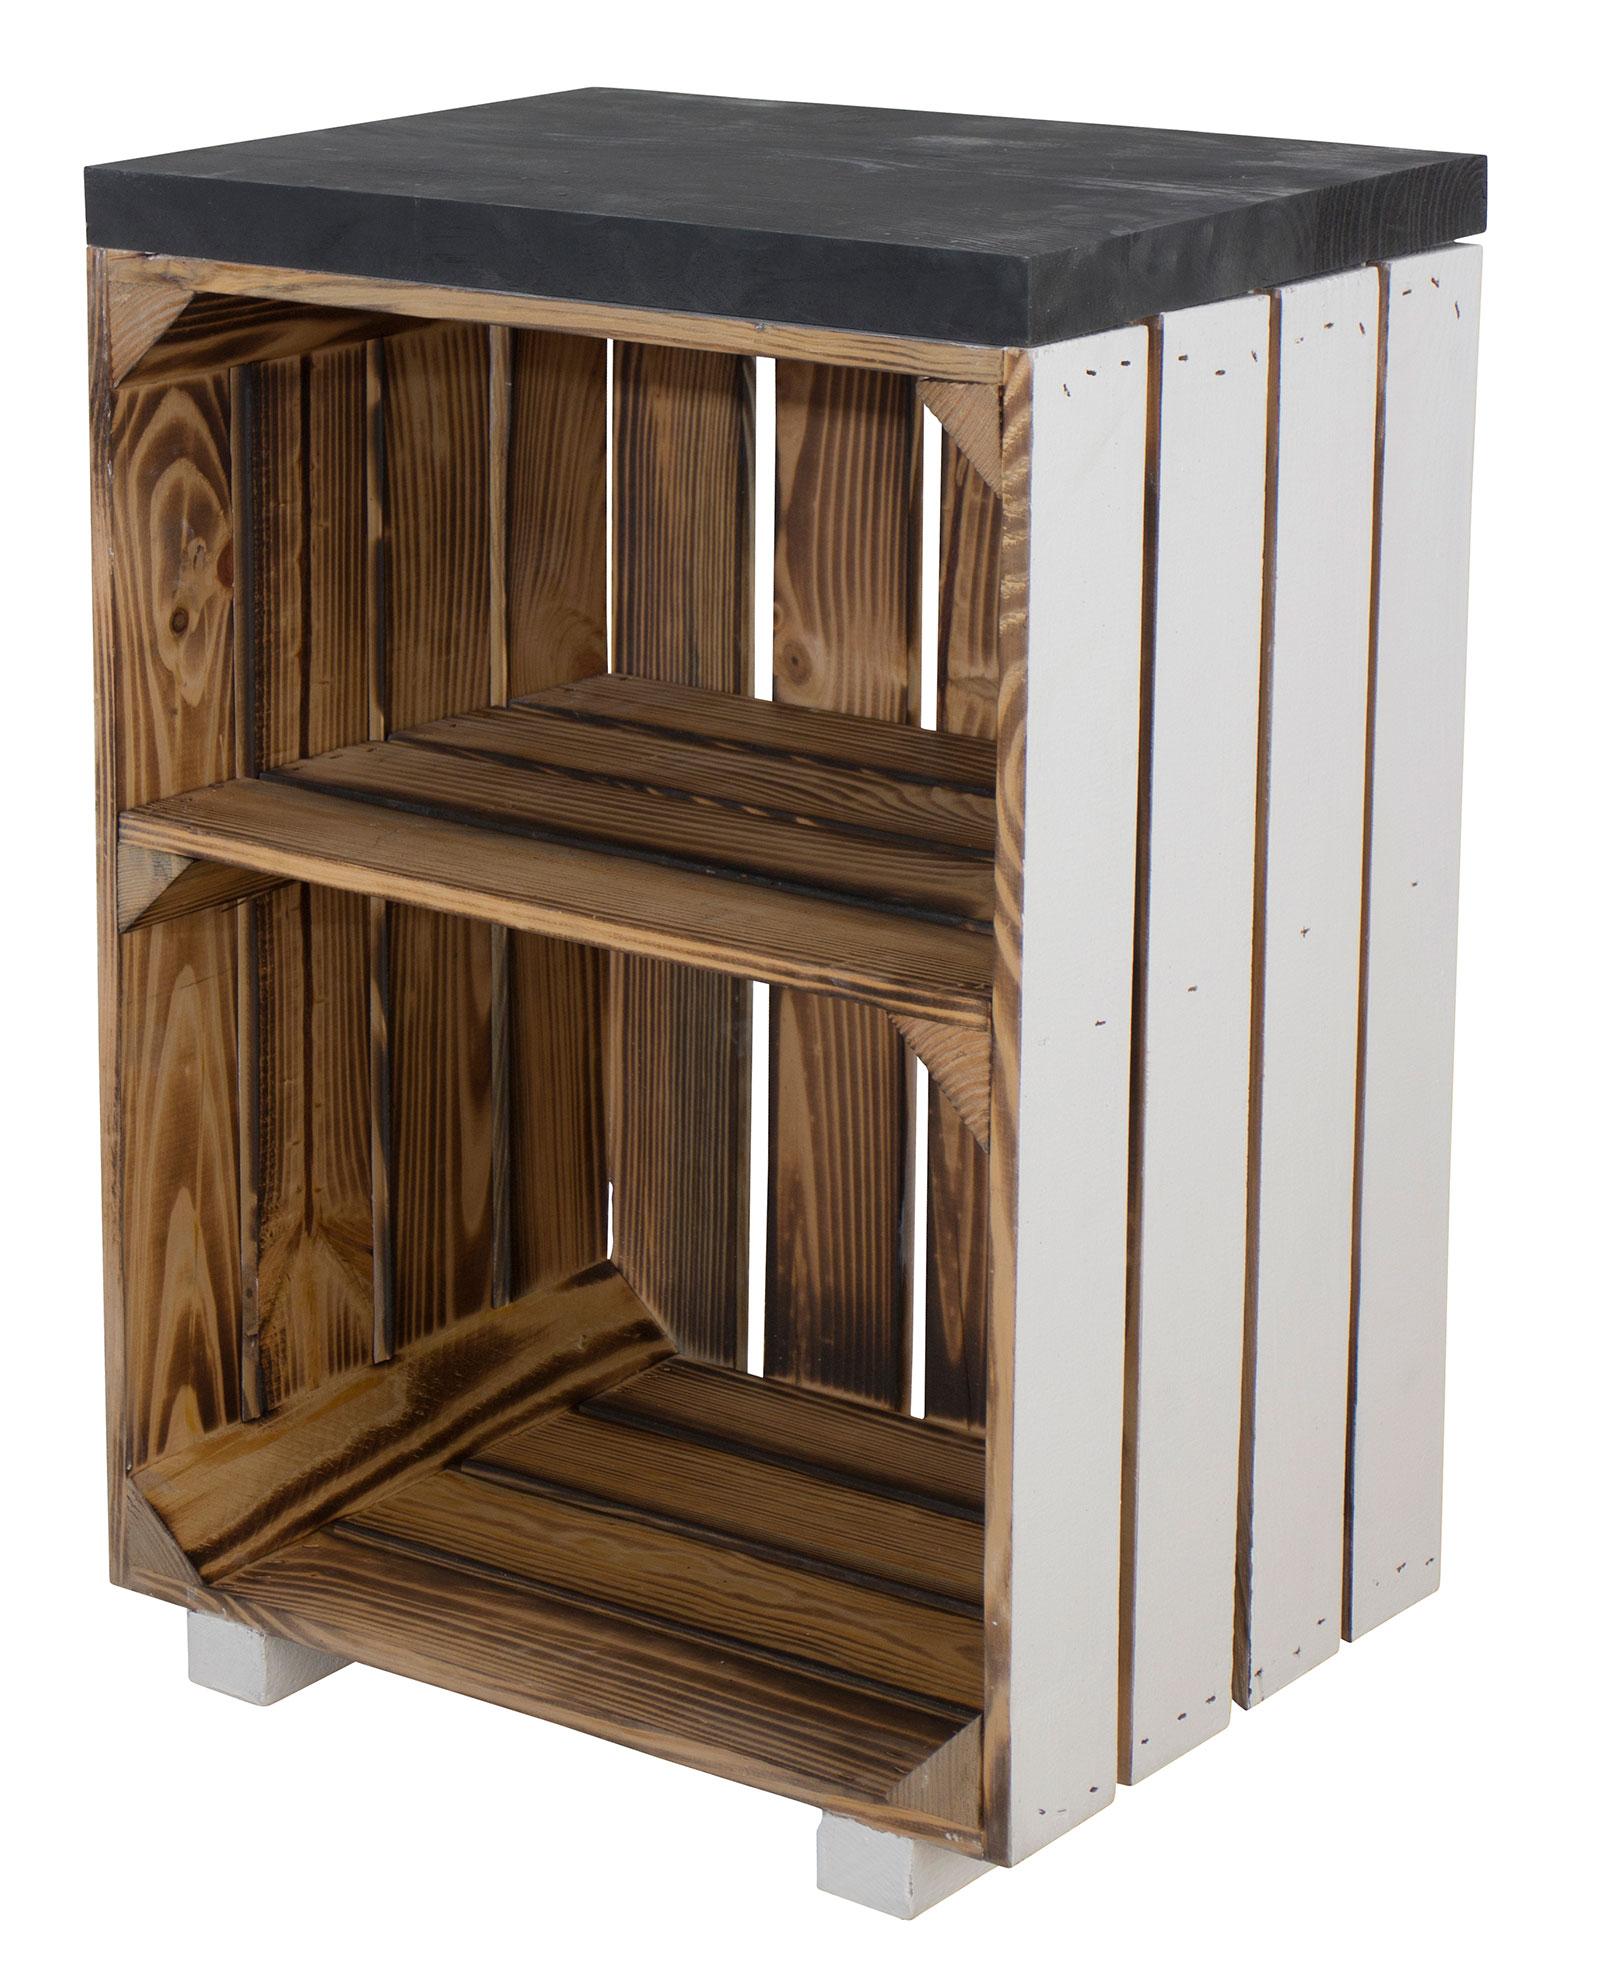 Nachttisch in geflammt mit weißer Patina und schwarzem Bohlenbrett auf Füßen 40x57x30